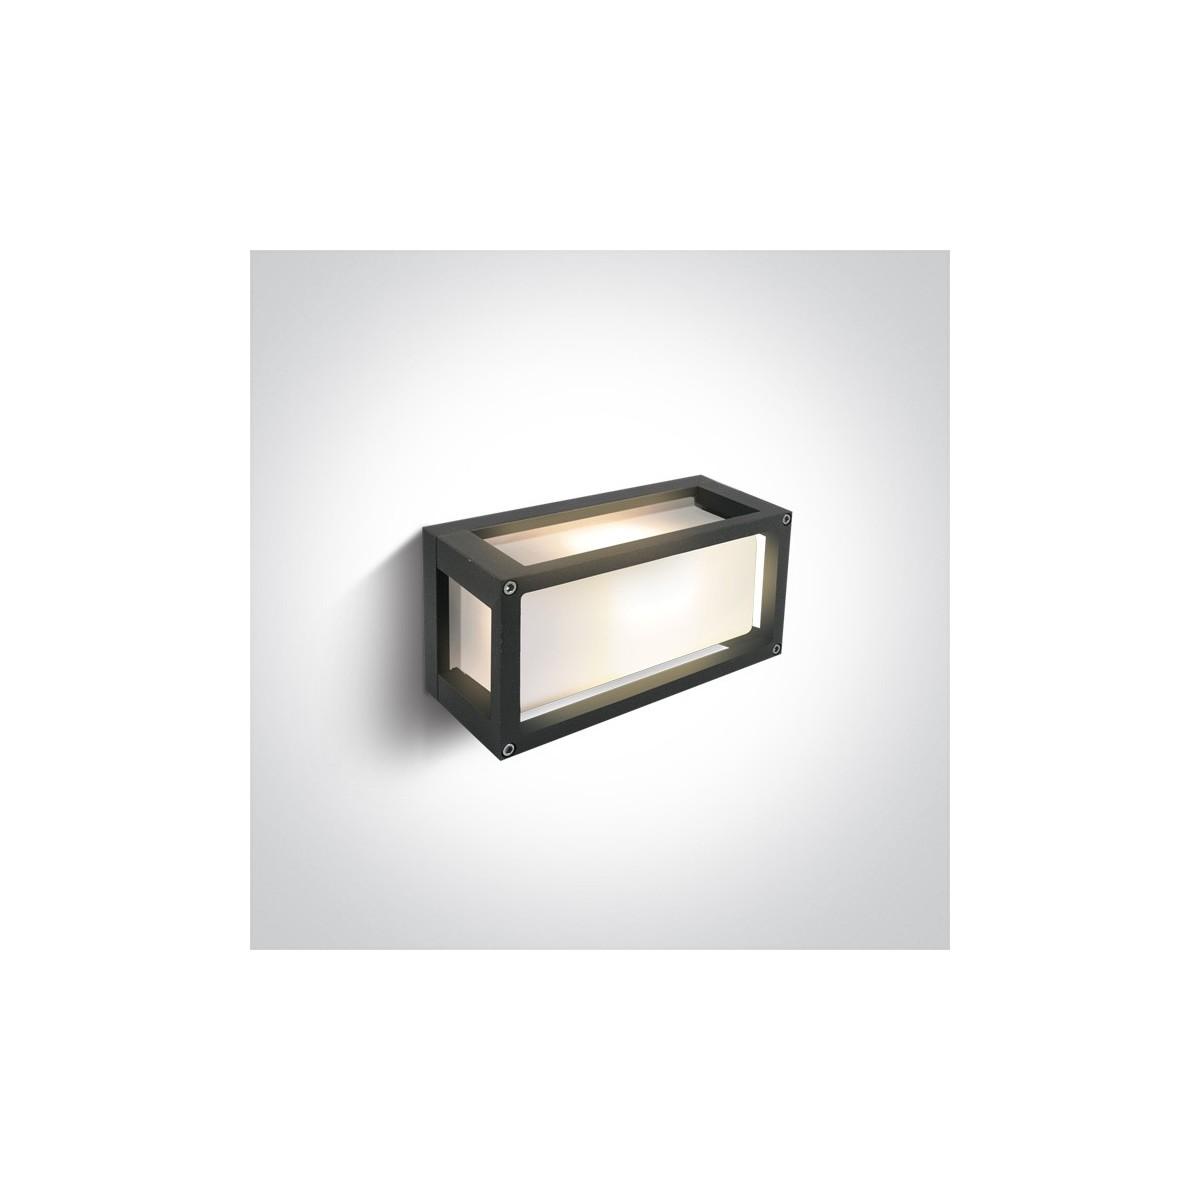 One Light kinkiet antracytowy do mieszkania domu elewacja Kalfas 67420L/AN/W IP54